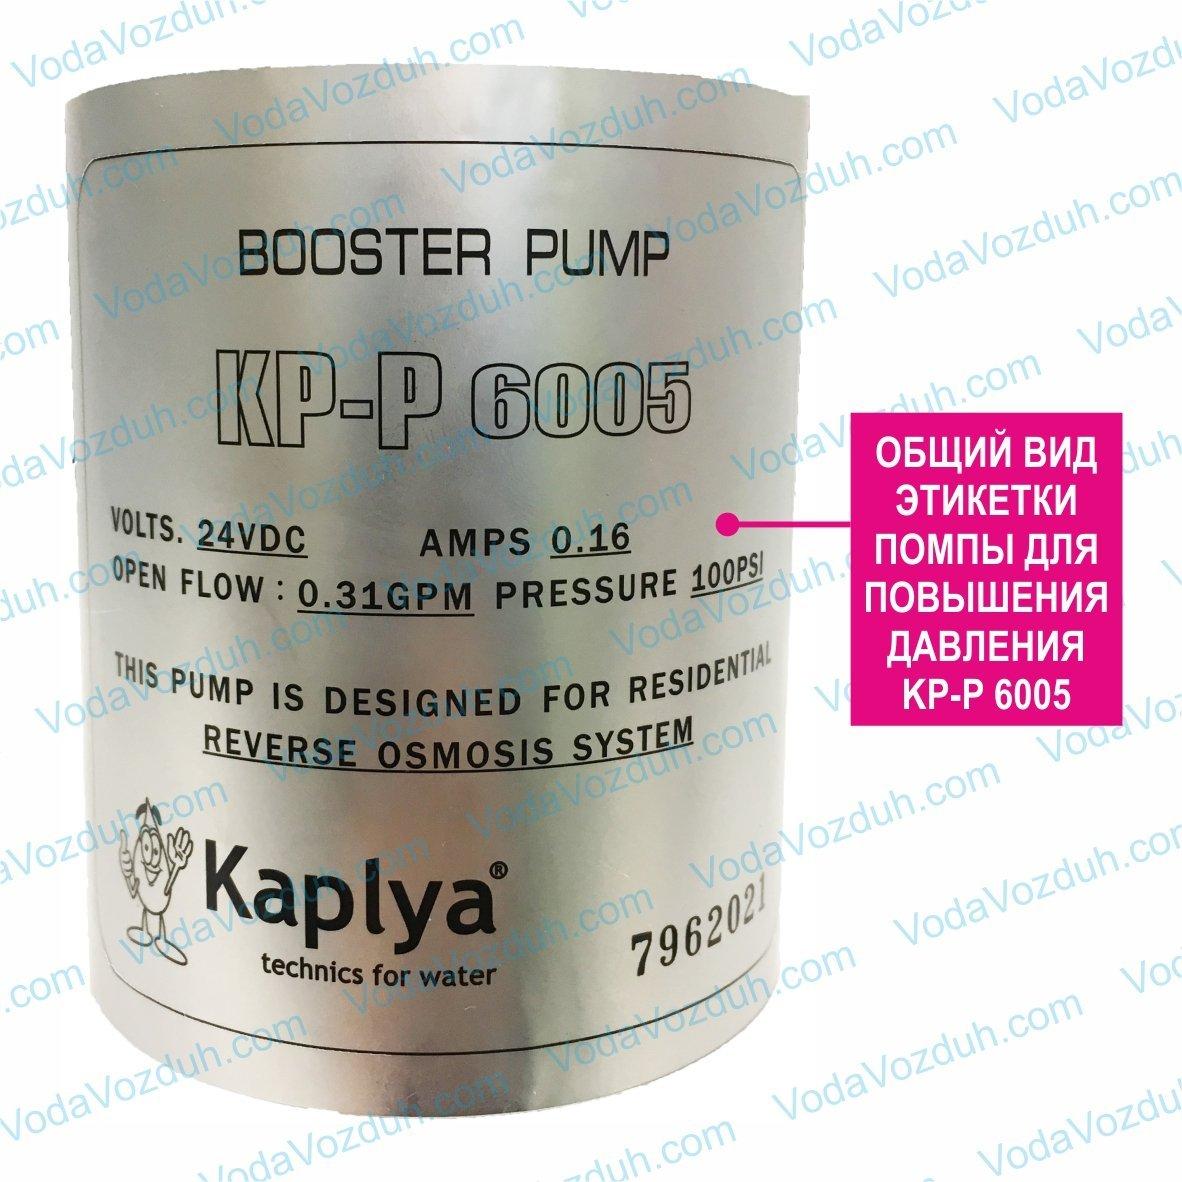 Kaplya KP-P 6005